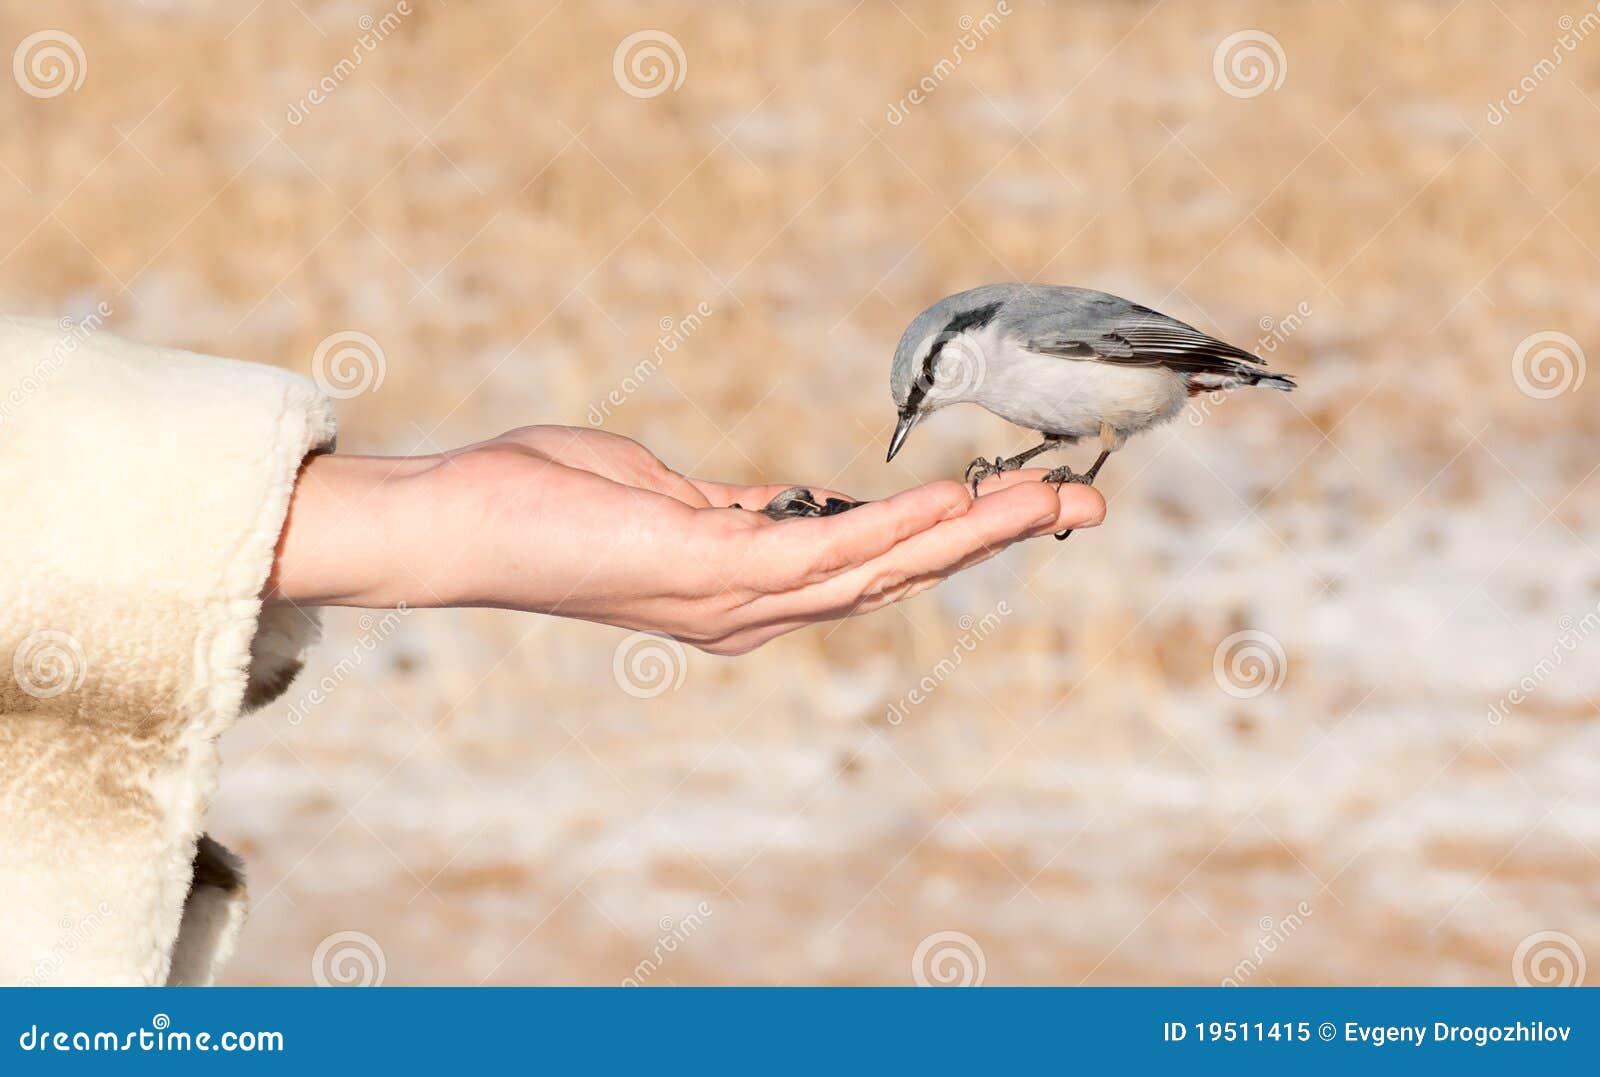 Chickadee landing - photo#20